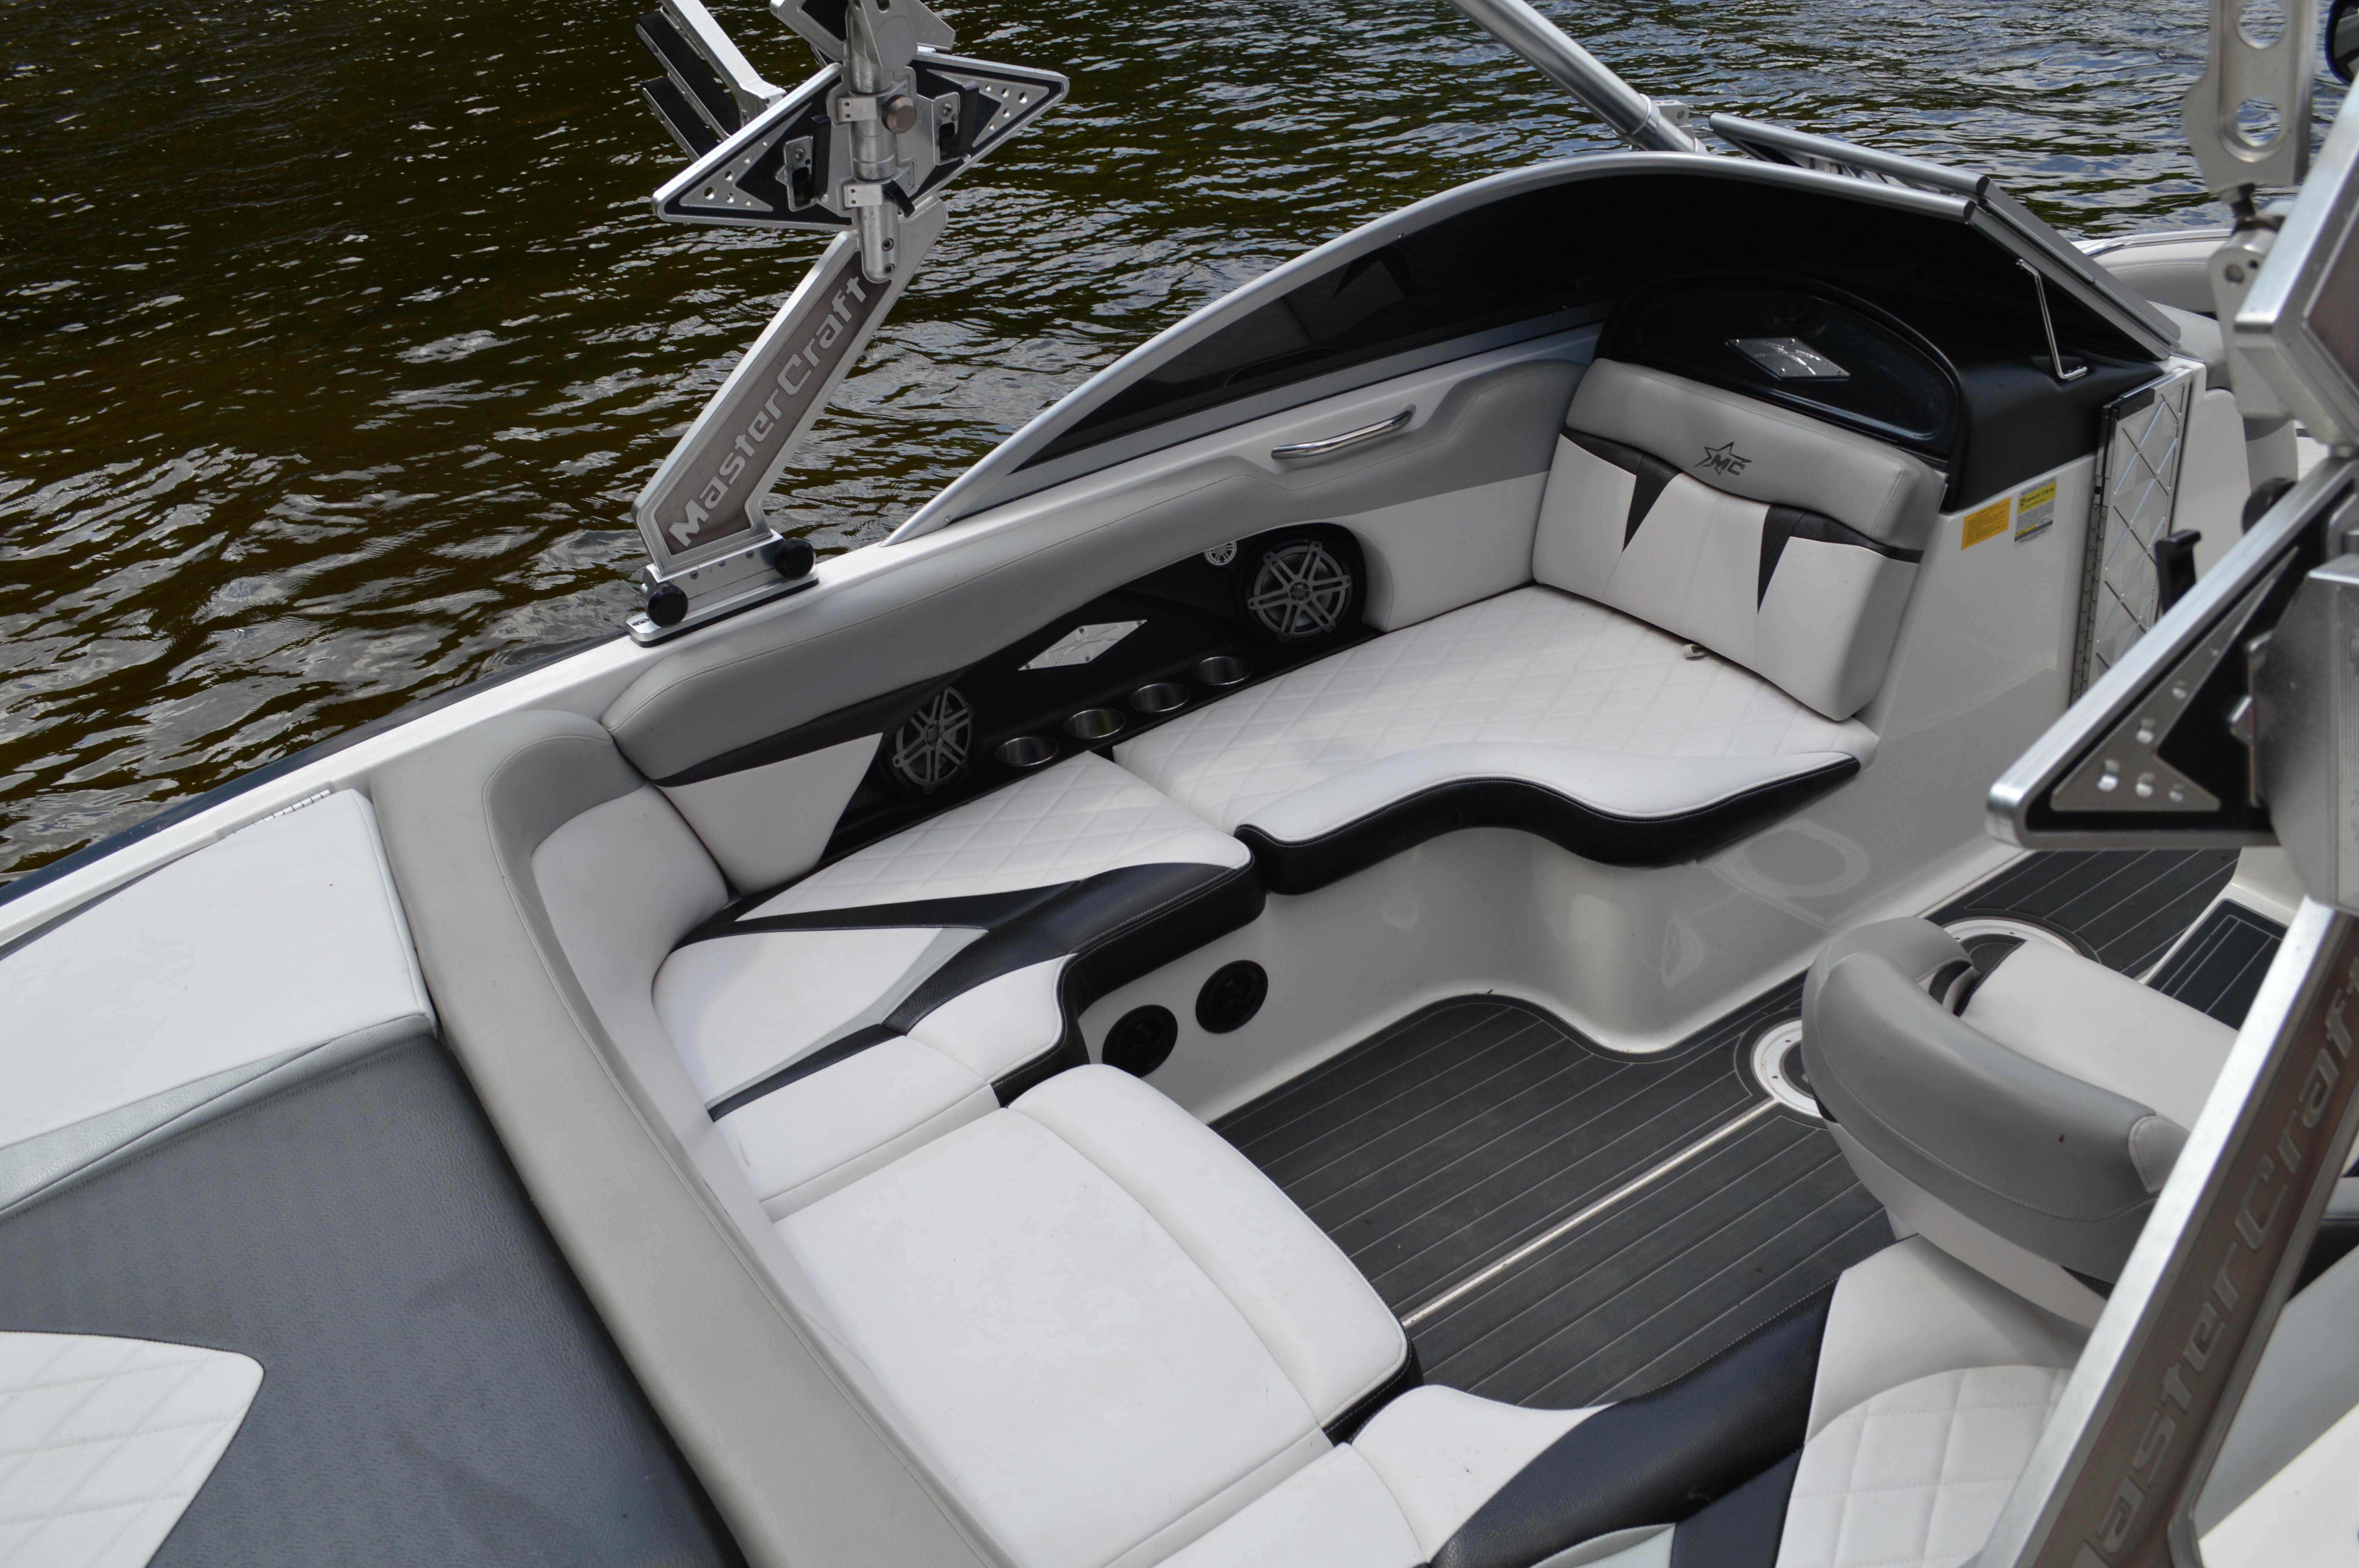 Bote de esqu¡ y wakeboard Mastercraft barcos en venta en